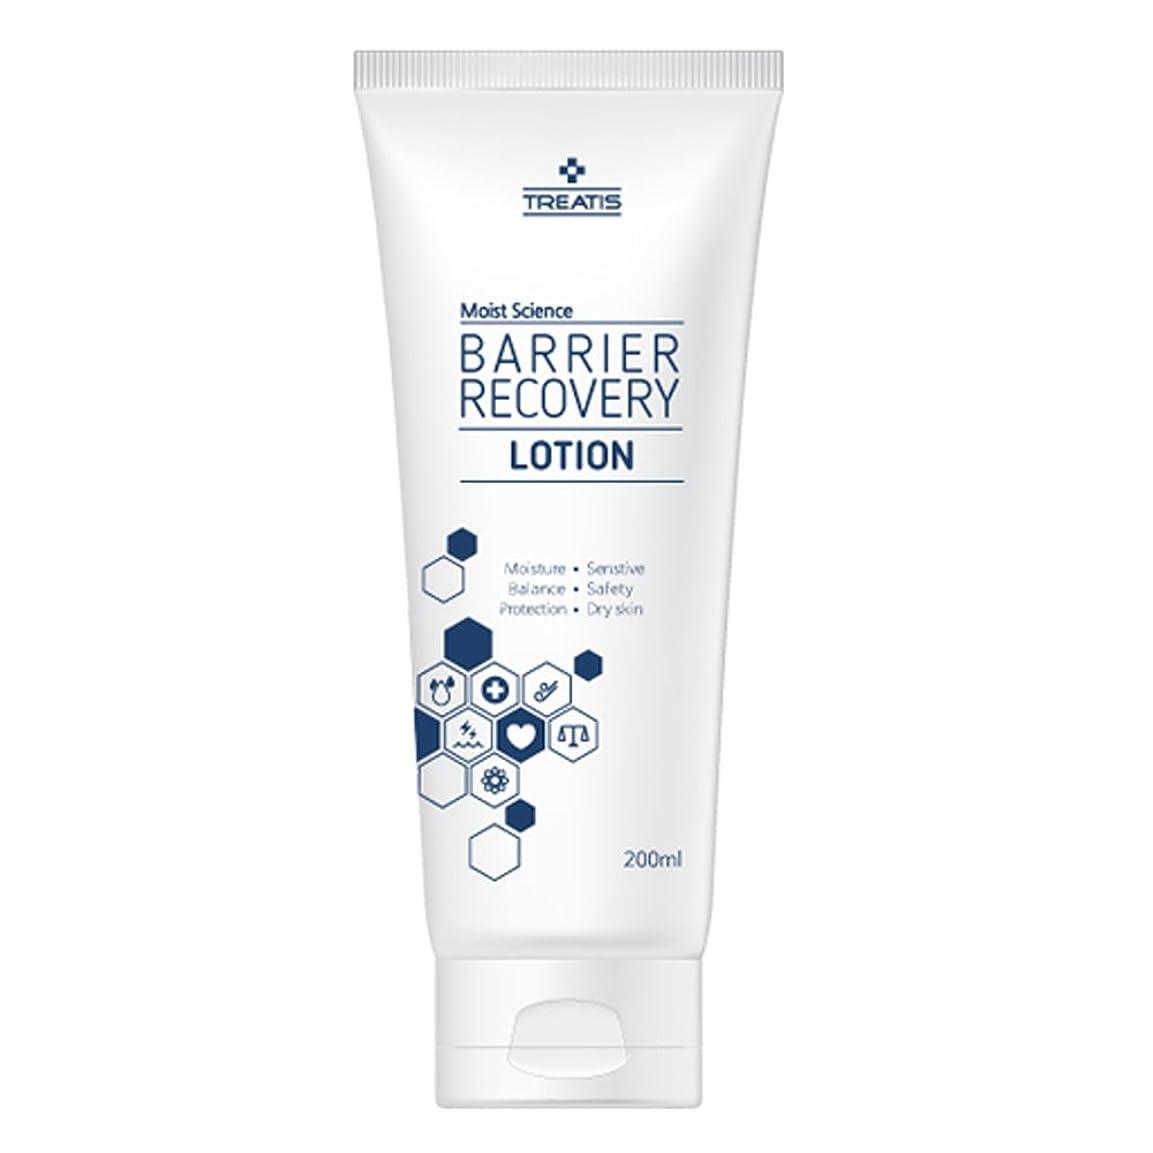 読みやすいバス谷Treatis barrier recovery lotion 7oz (200ml)/Moisture, Senstive, Balance, Safty, Protection, Dry skin [並行輸入品]